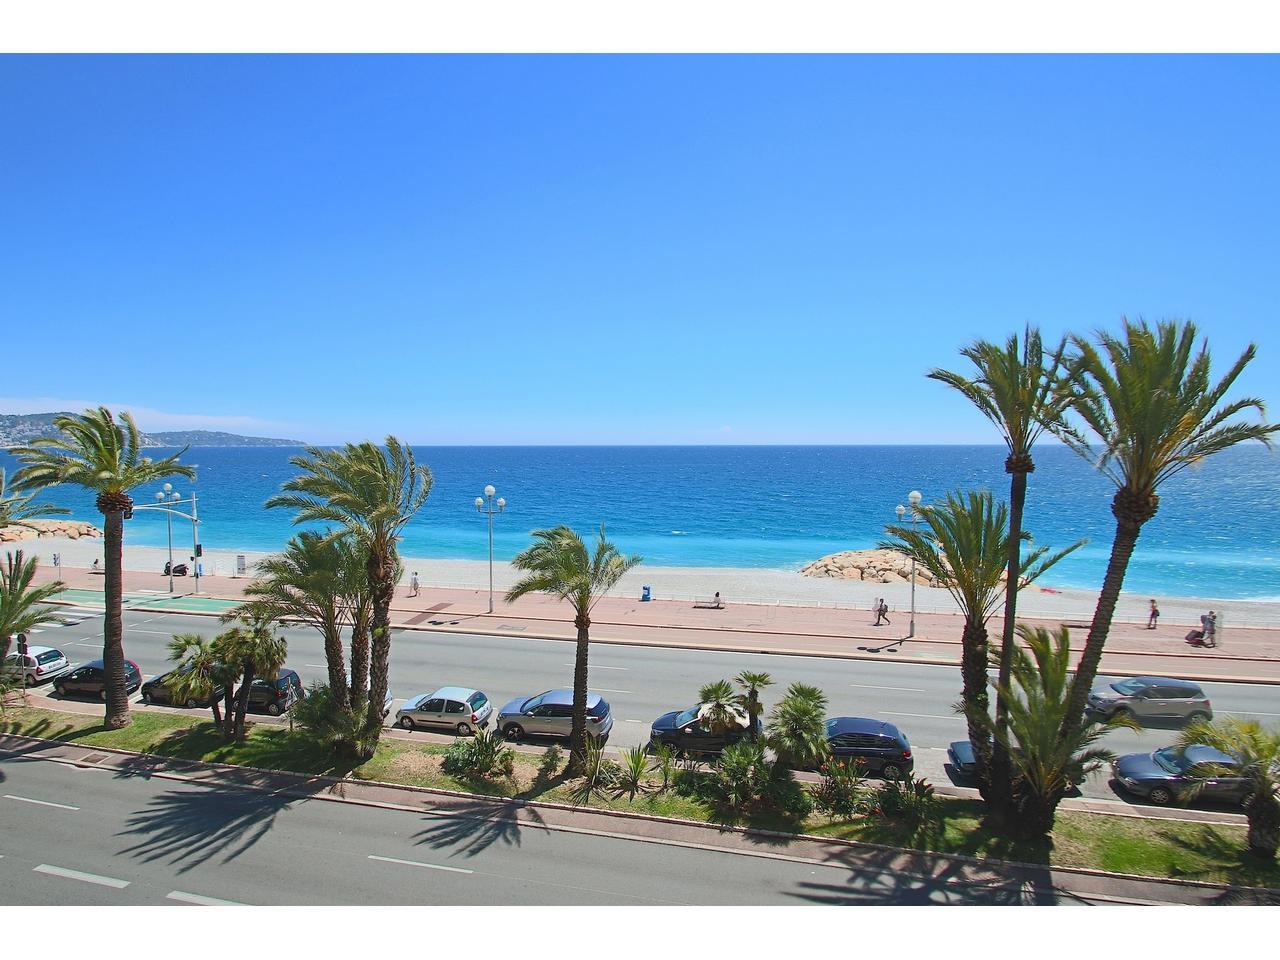 Nice vue mer immobilier appartements et villas vue mer sur nice et la c te d 39 azur - Liste des magasins promenade des flandres ...